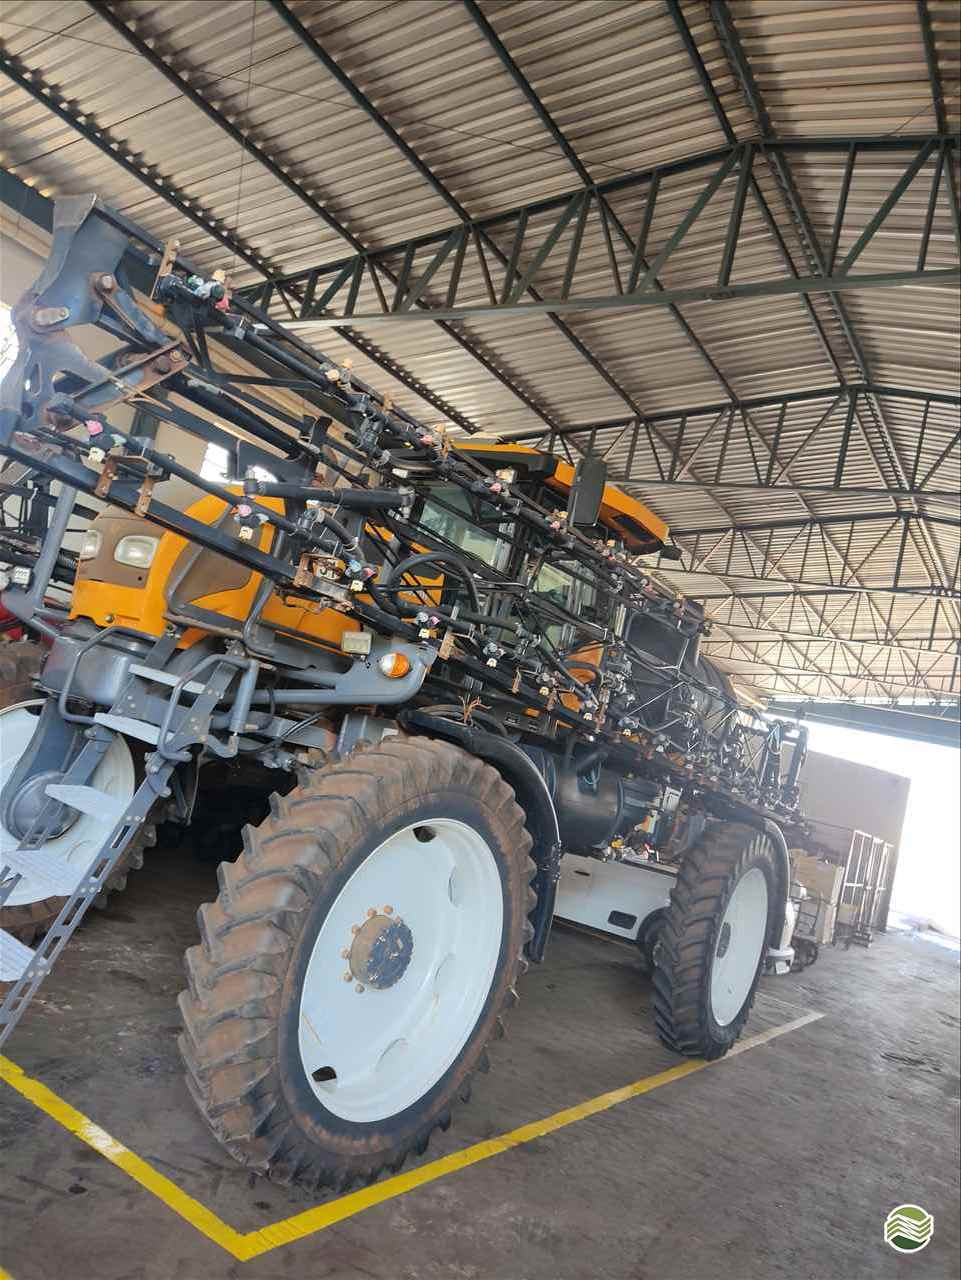 PULVERIZADOR VALTRA BS 3020 GRAOS Tração 4x4 Gama Máquinas Agrícolas RIO VERDE GOIAS GO